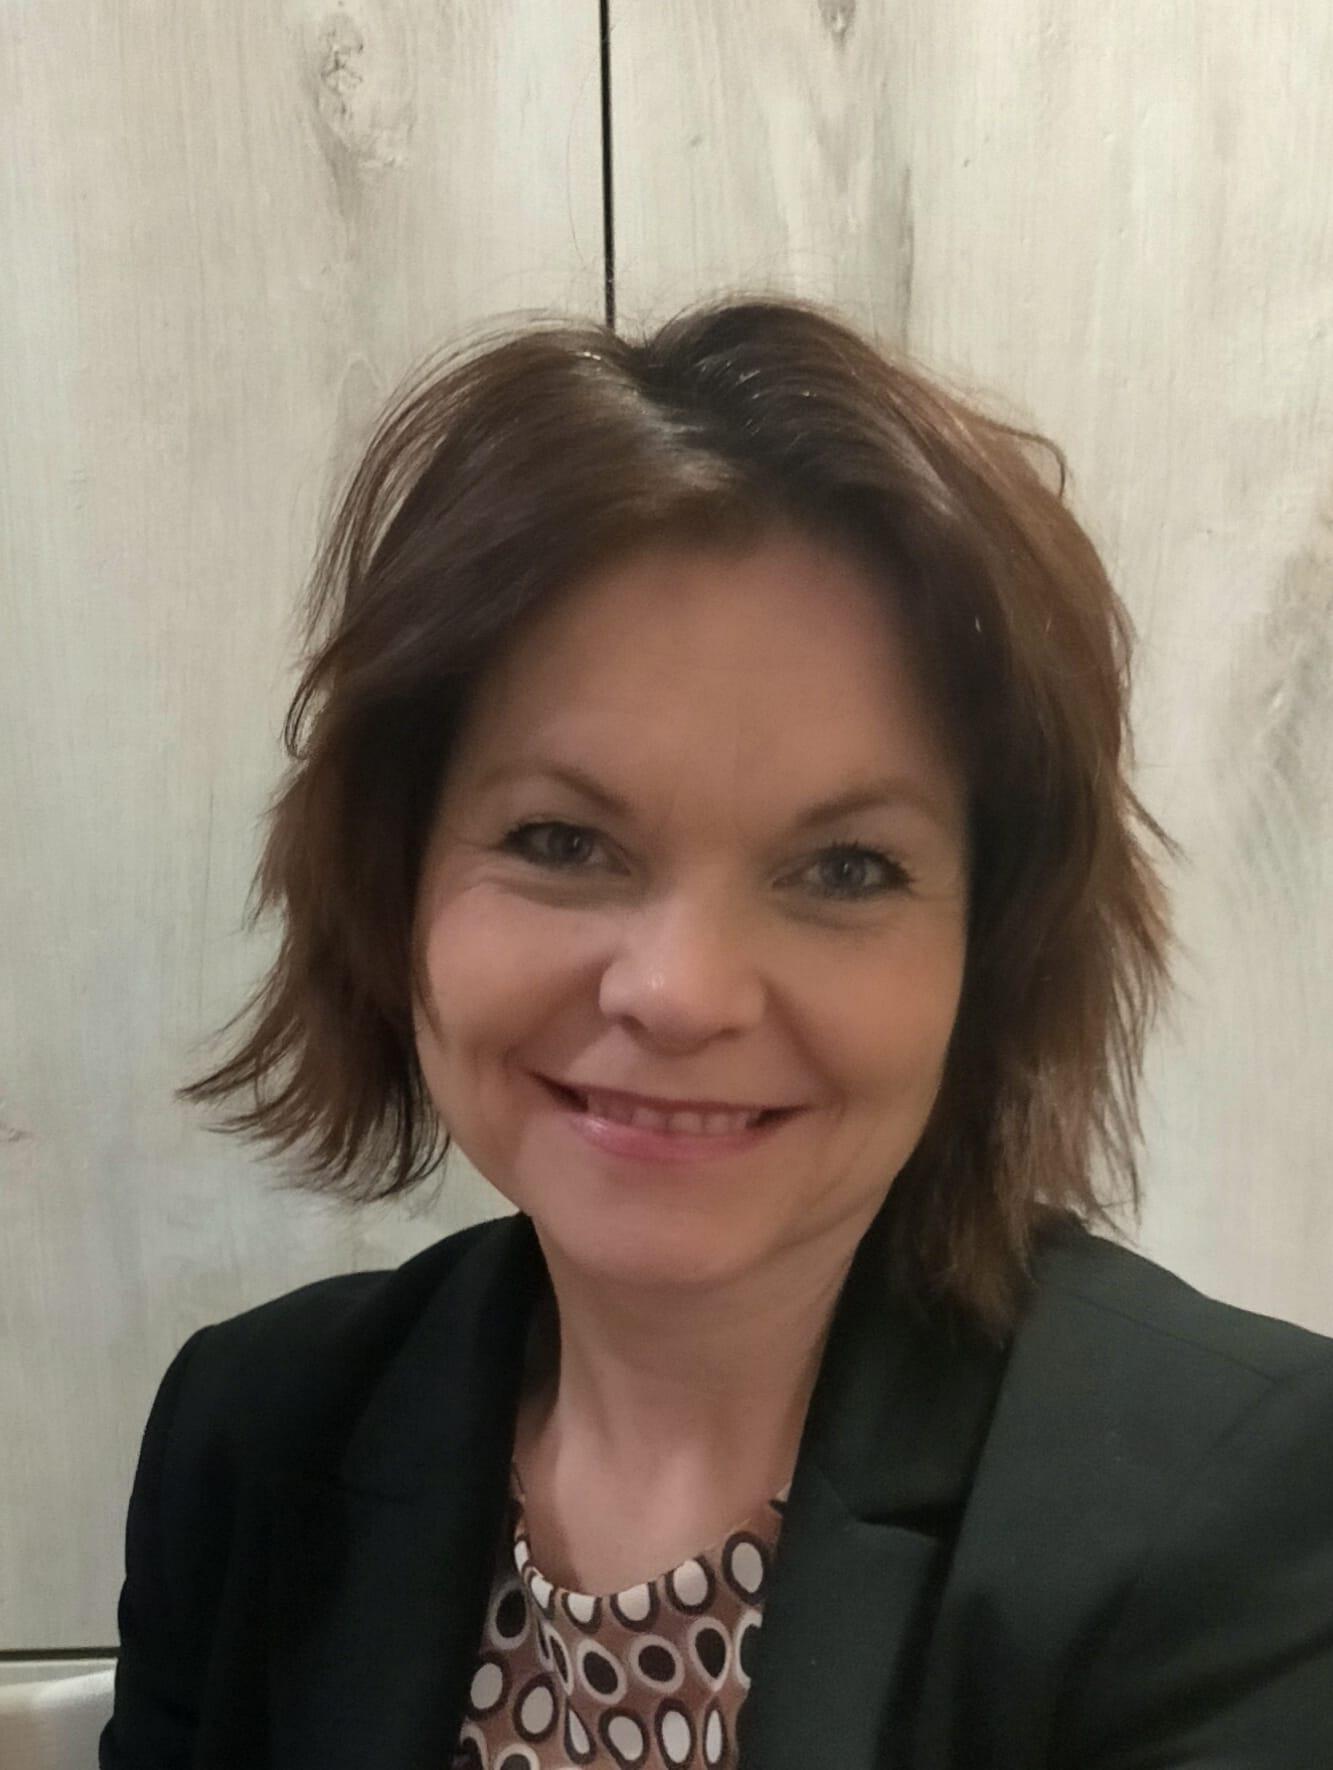 Janne Skjeldal